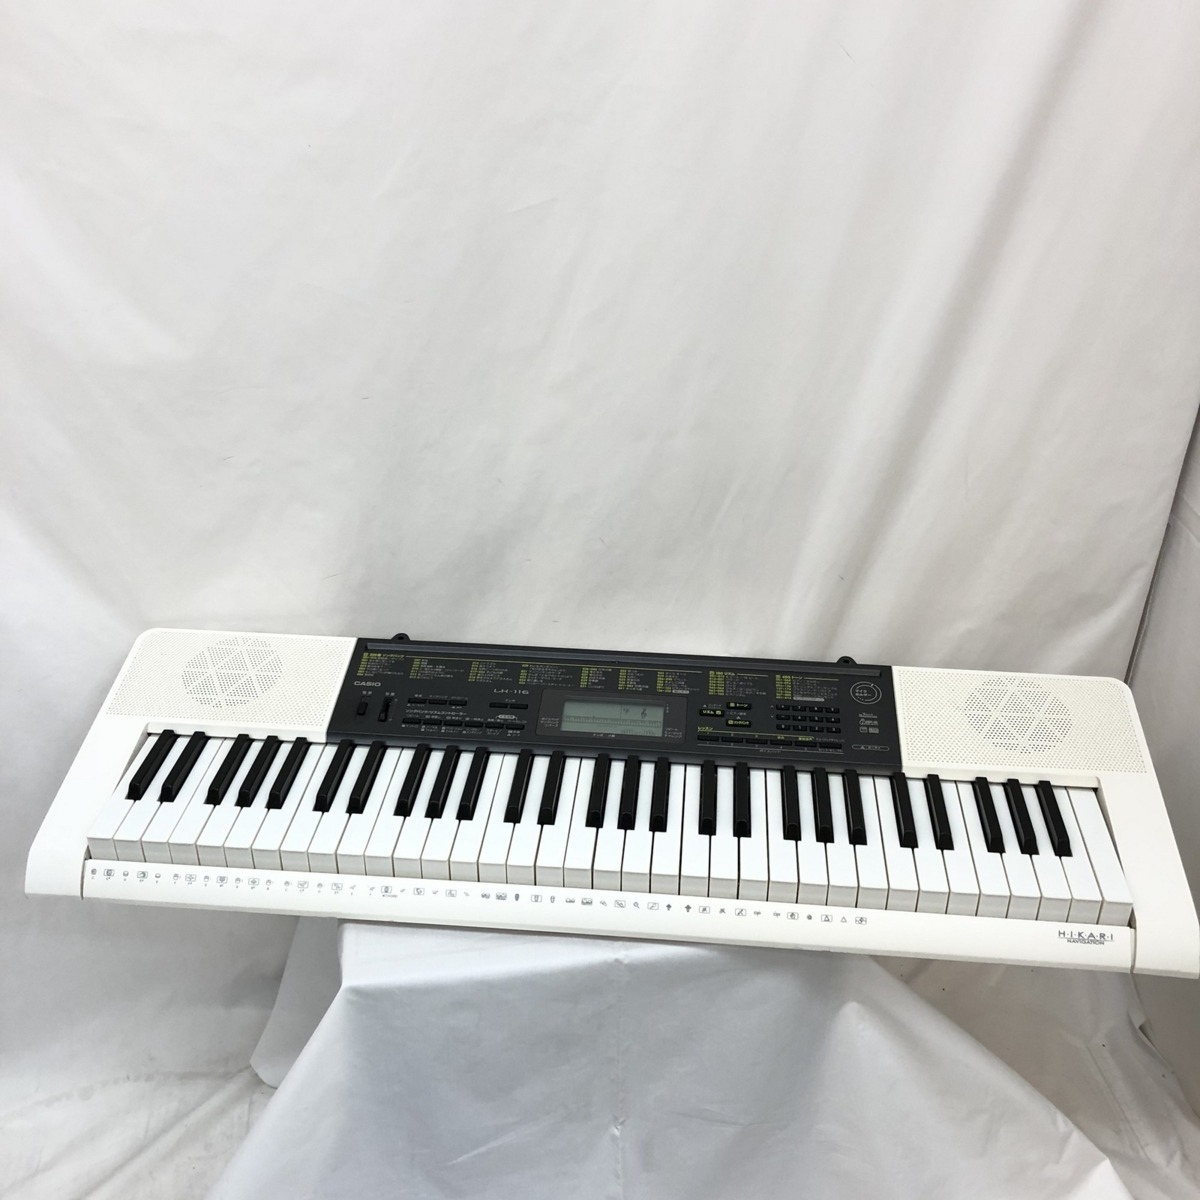 中古 CASIO カシオ 電子キーボード LK-116 61鍵盤 光ナビゲーション 電子ピアノ ホワイト ブラック 鍵盤楽器 アダプター付き H15204_画像1